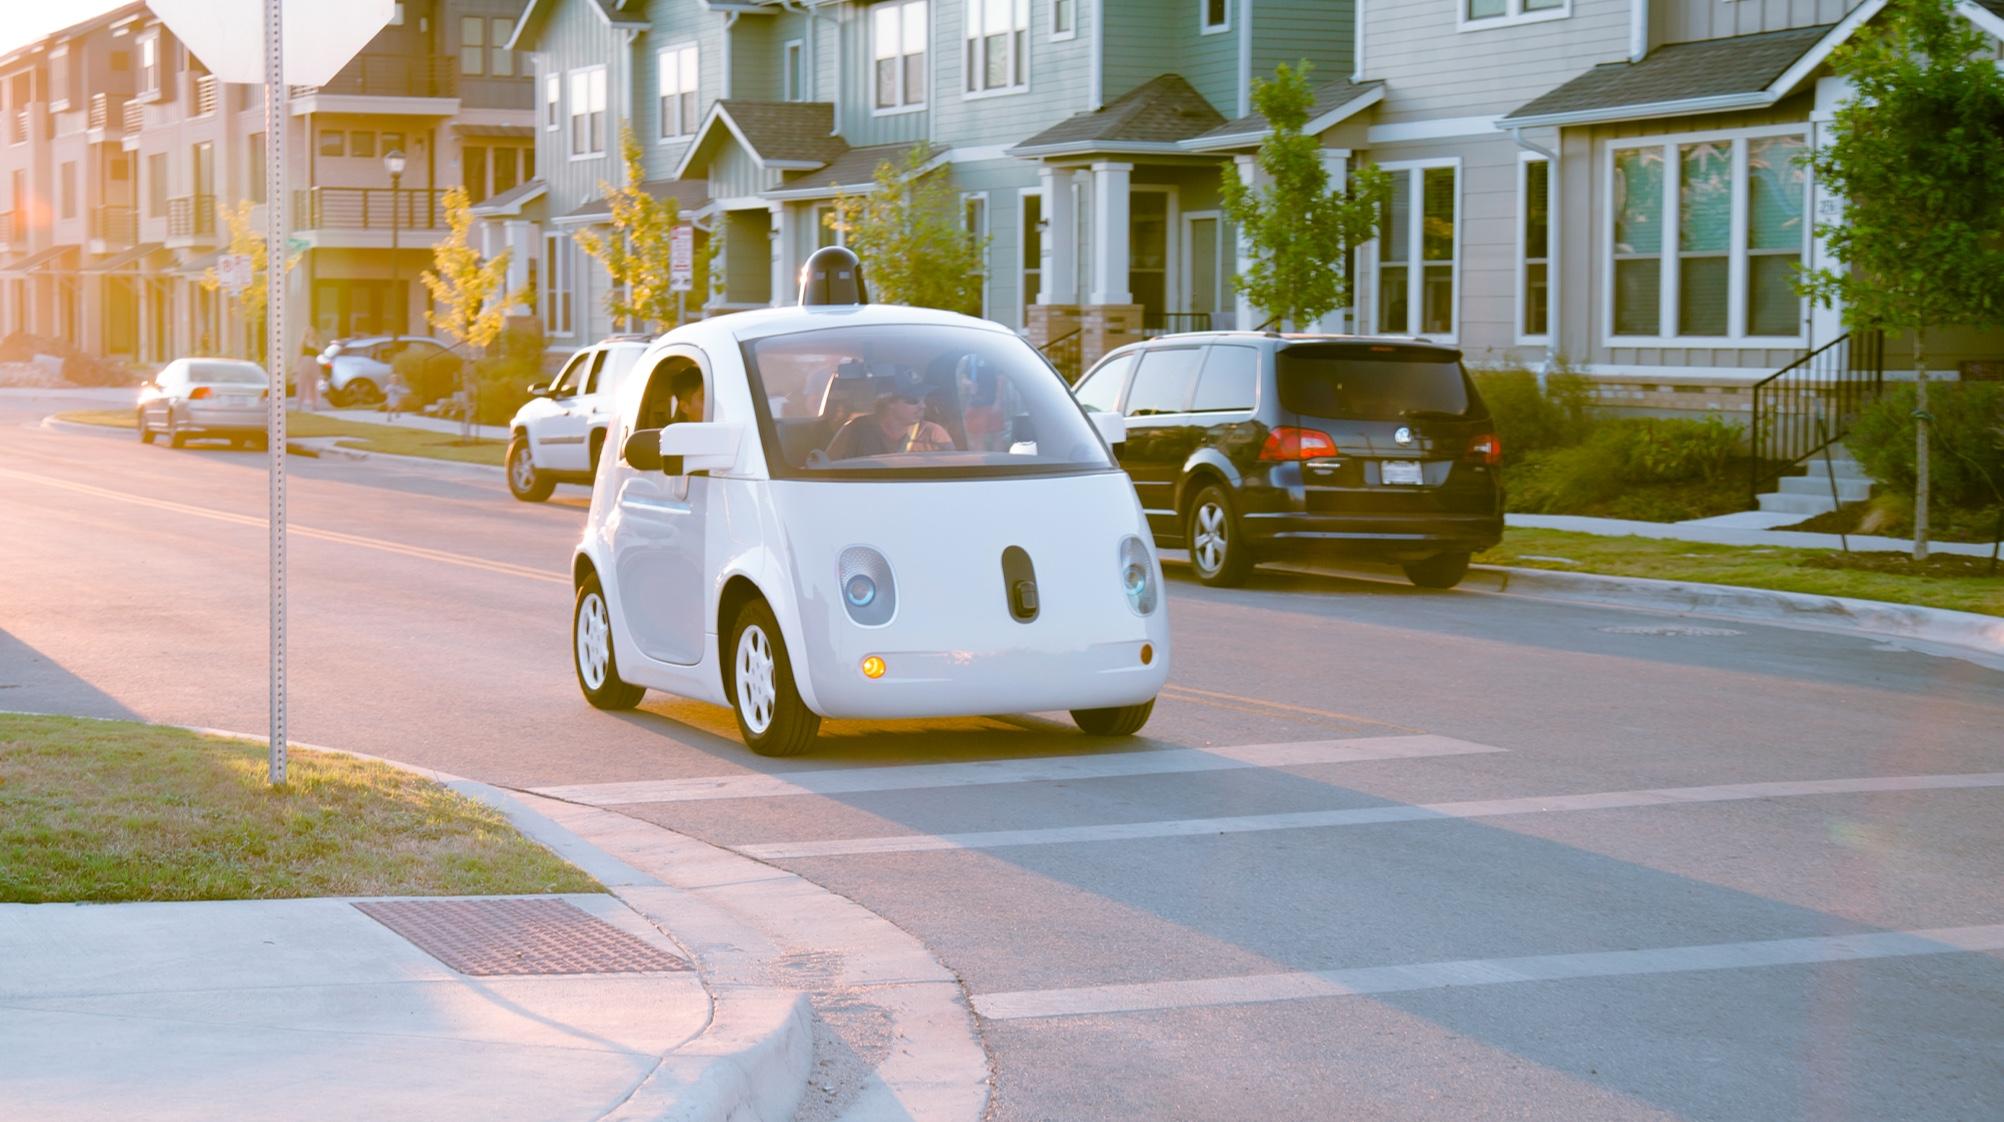 Waymo arver de selvkjørende bilene fra Google, men det kan godt tenkes at de vil satse på lisensiering i stedet.